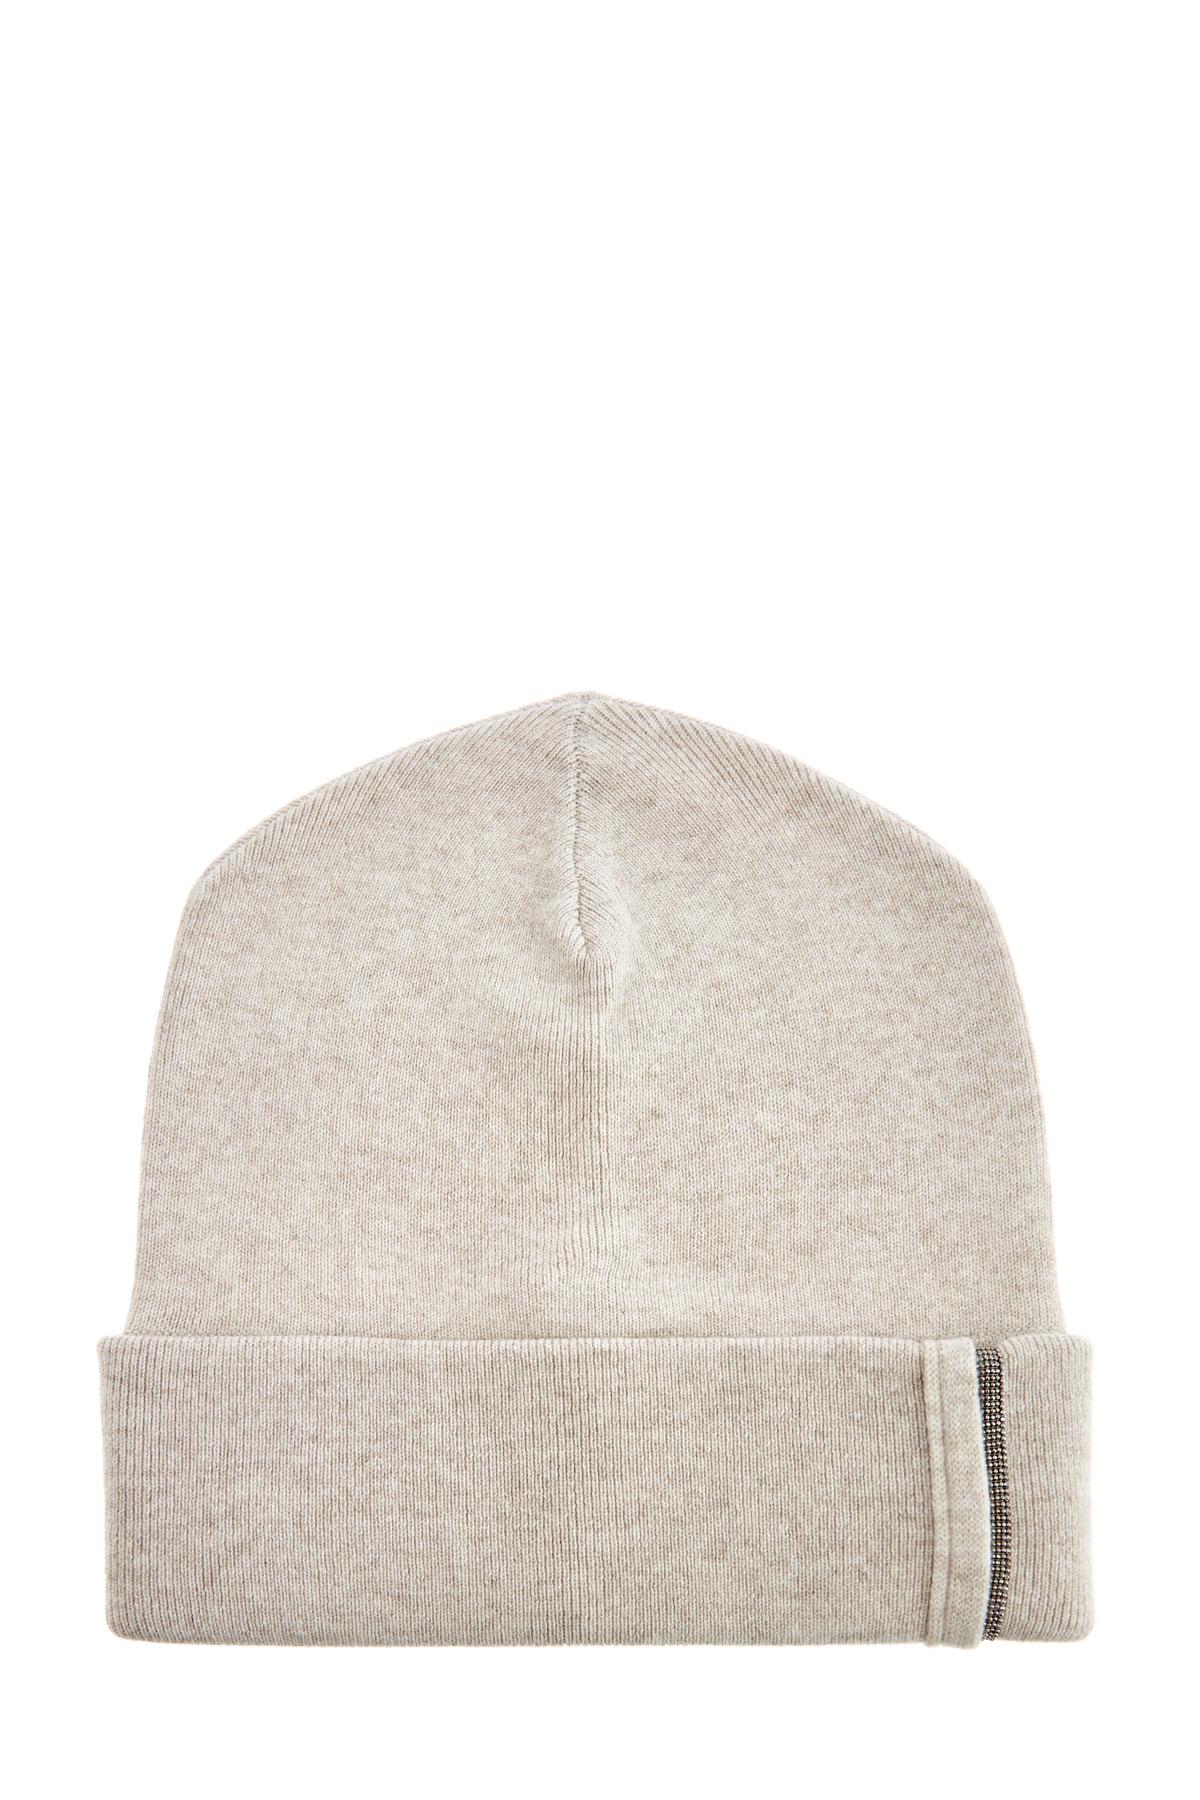 Фактурная шапка изкашемира сшироким отворотом ицепочкой Мониль фото